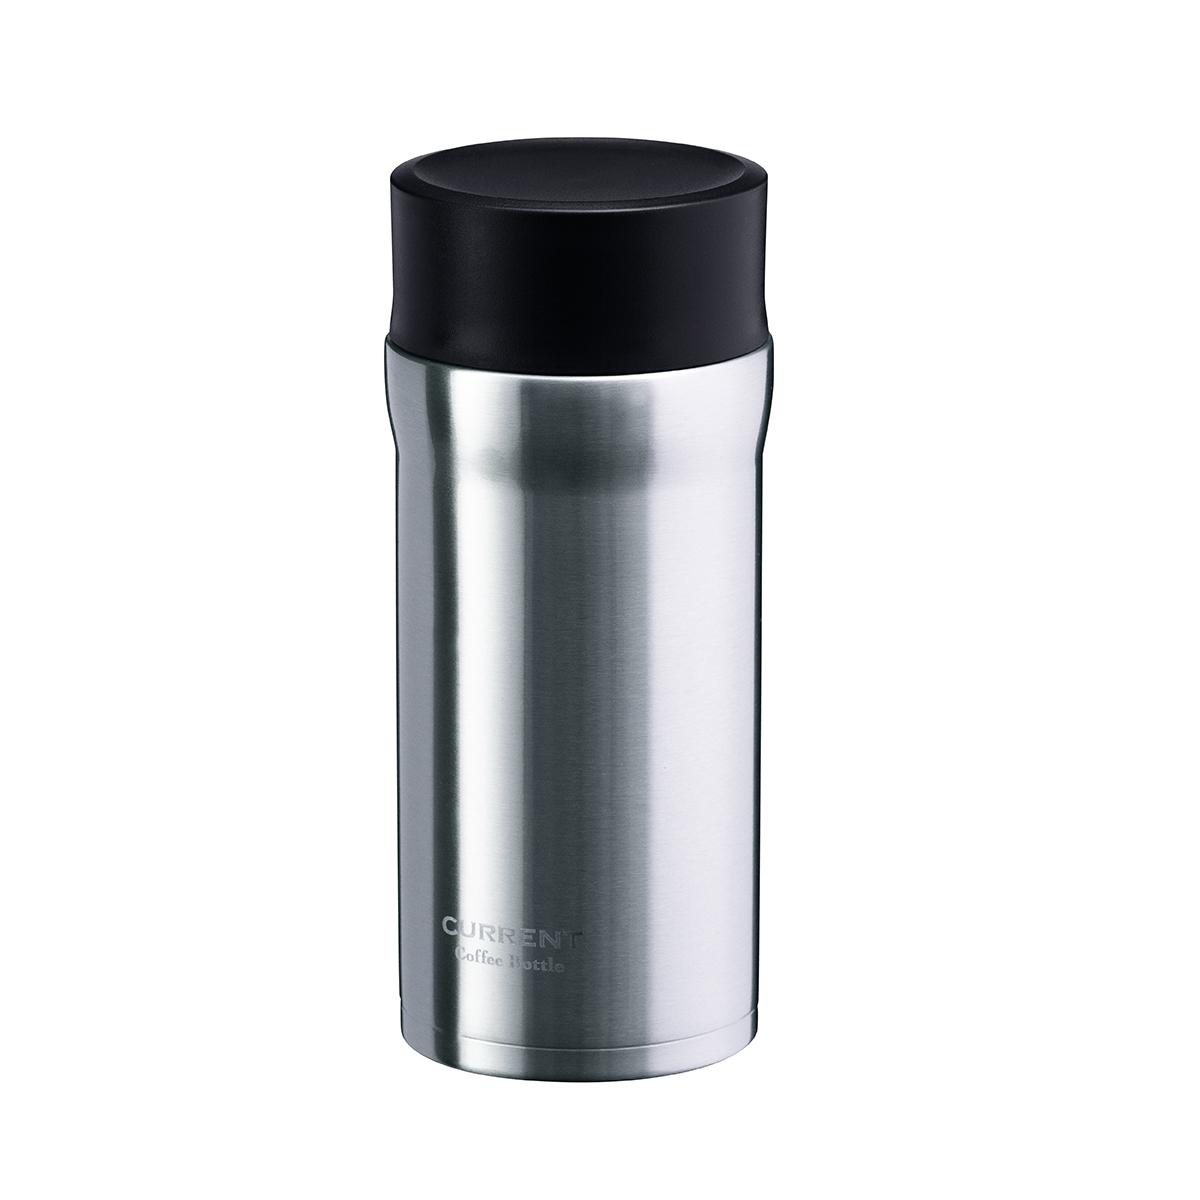 CURRENT コーヒーマグボトル 350ml シルバー image01